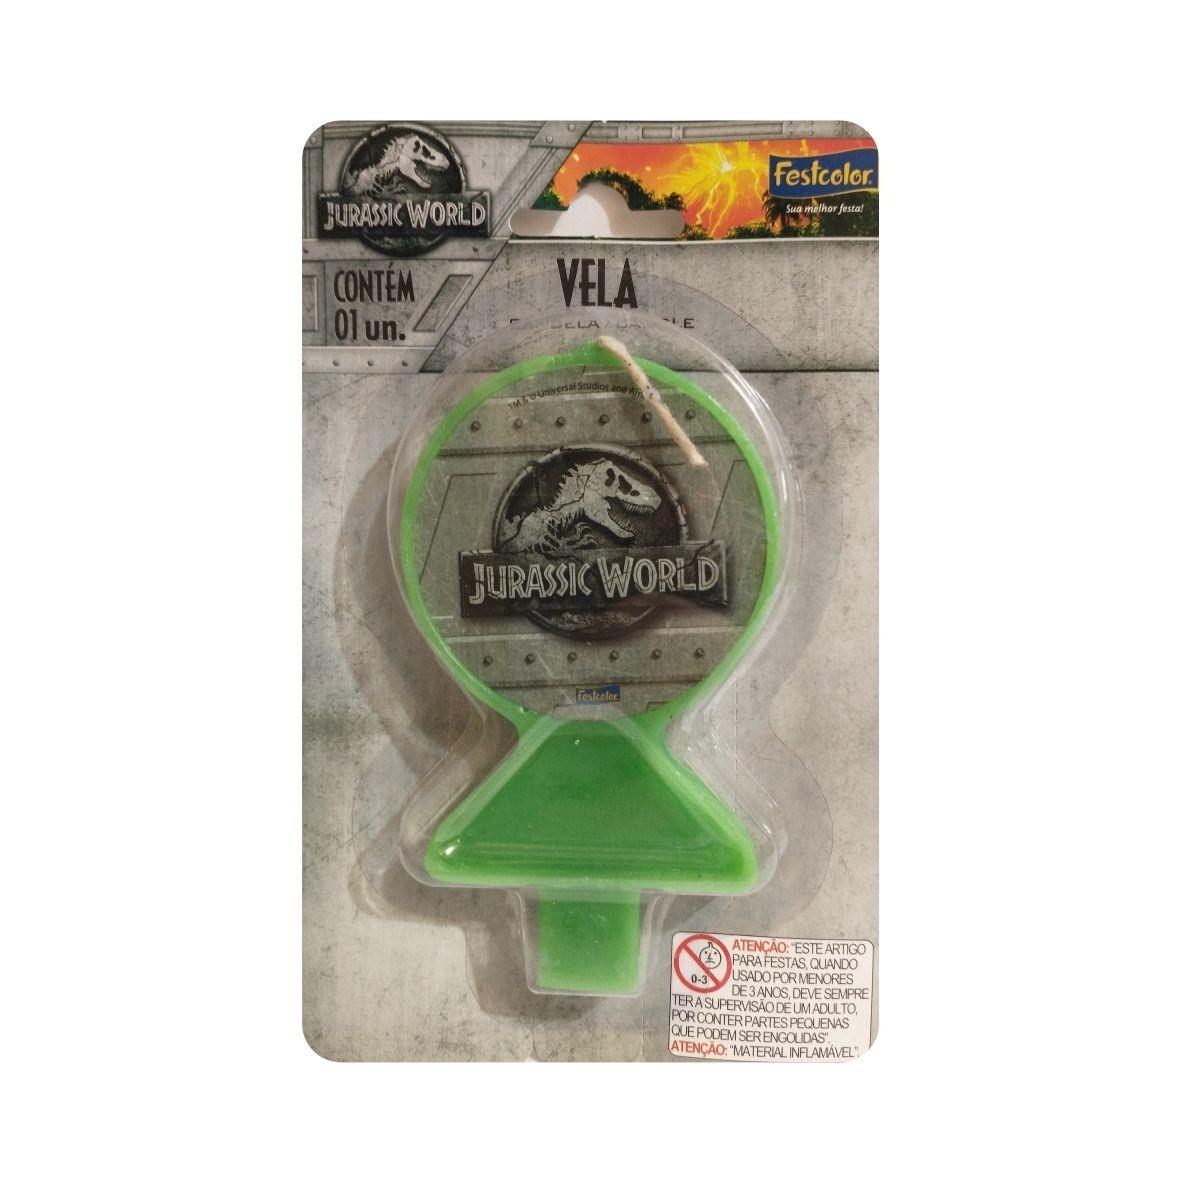 Vela Jurassic World - Festcolor